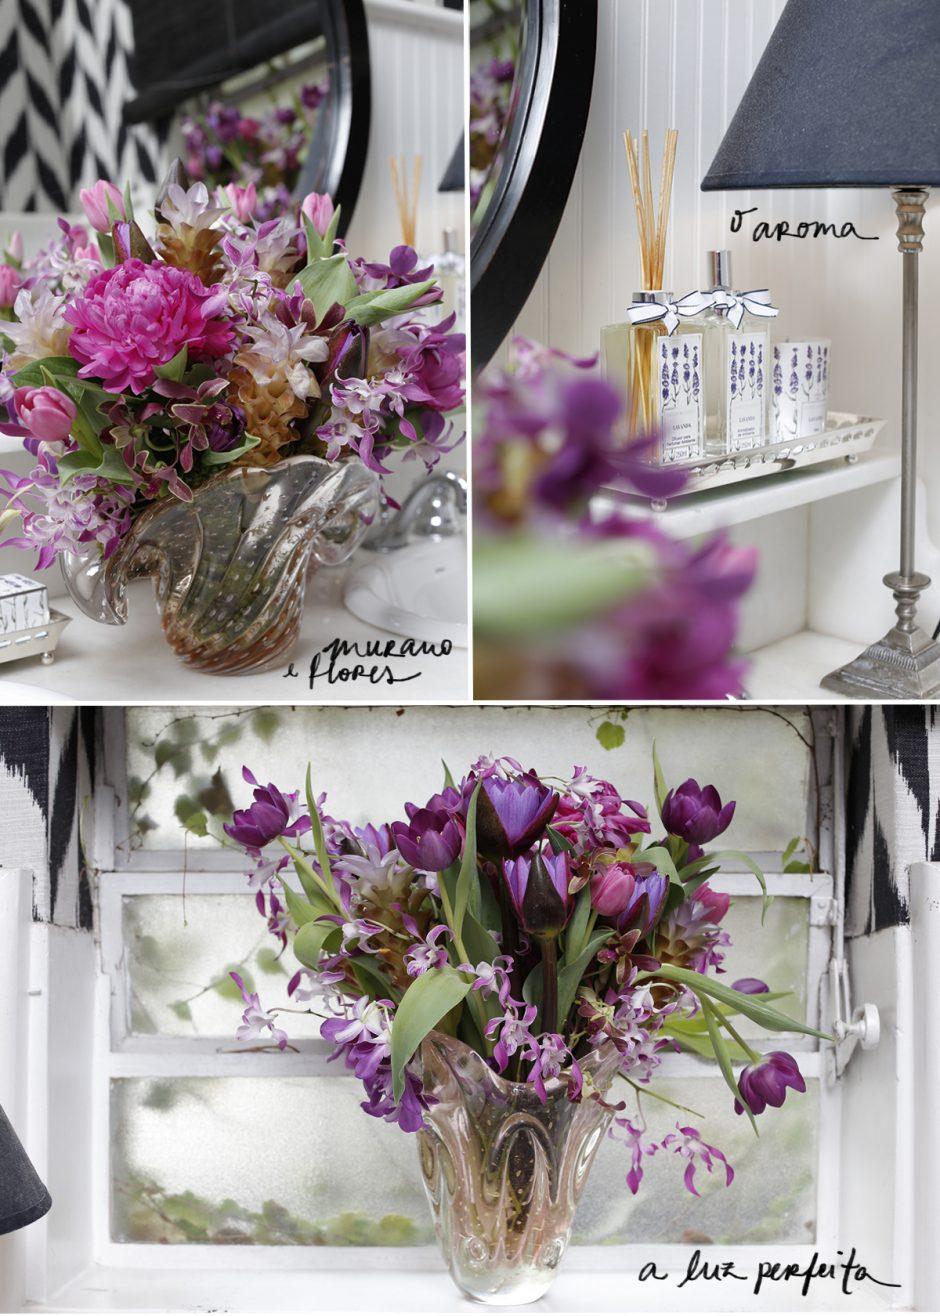 Lavabo - Murano e Flores, O Aroma, A Luz Perfeita